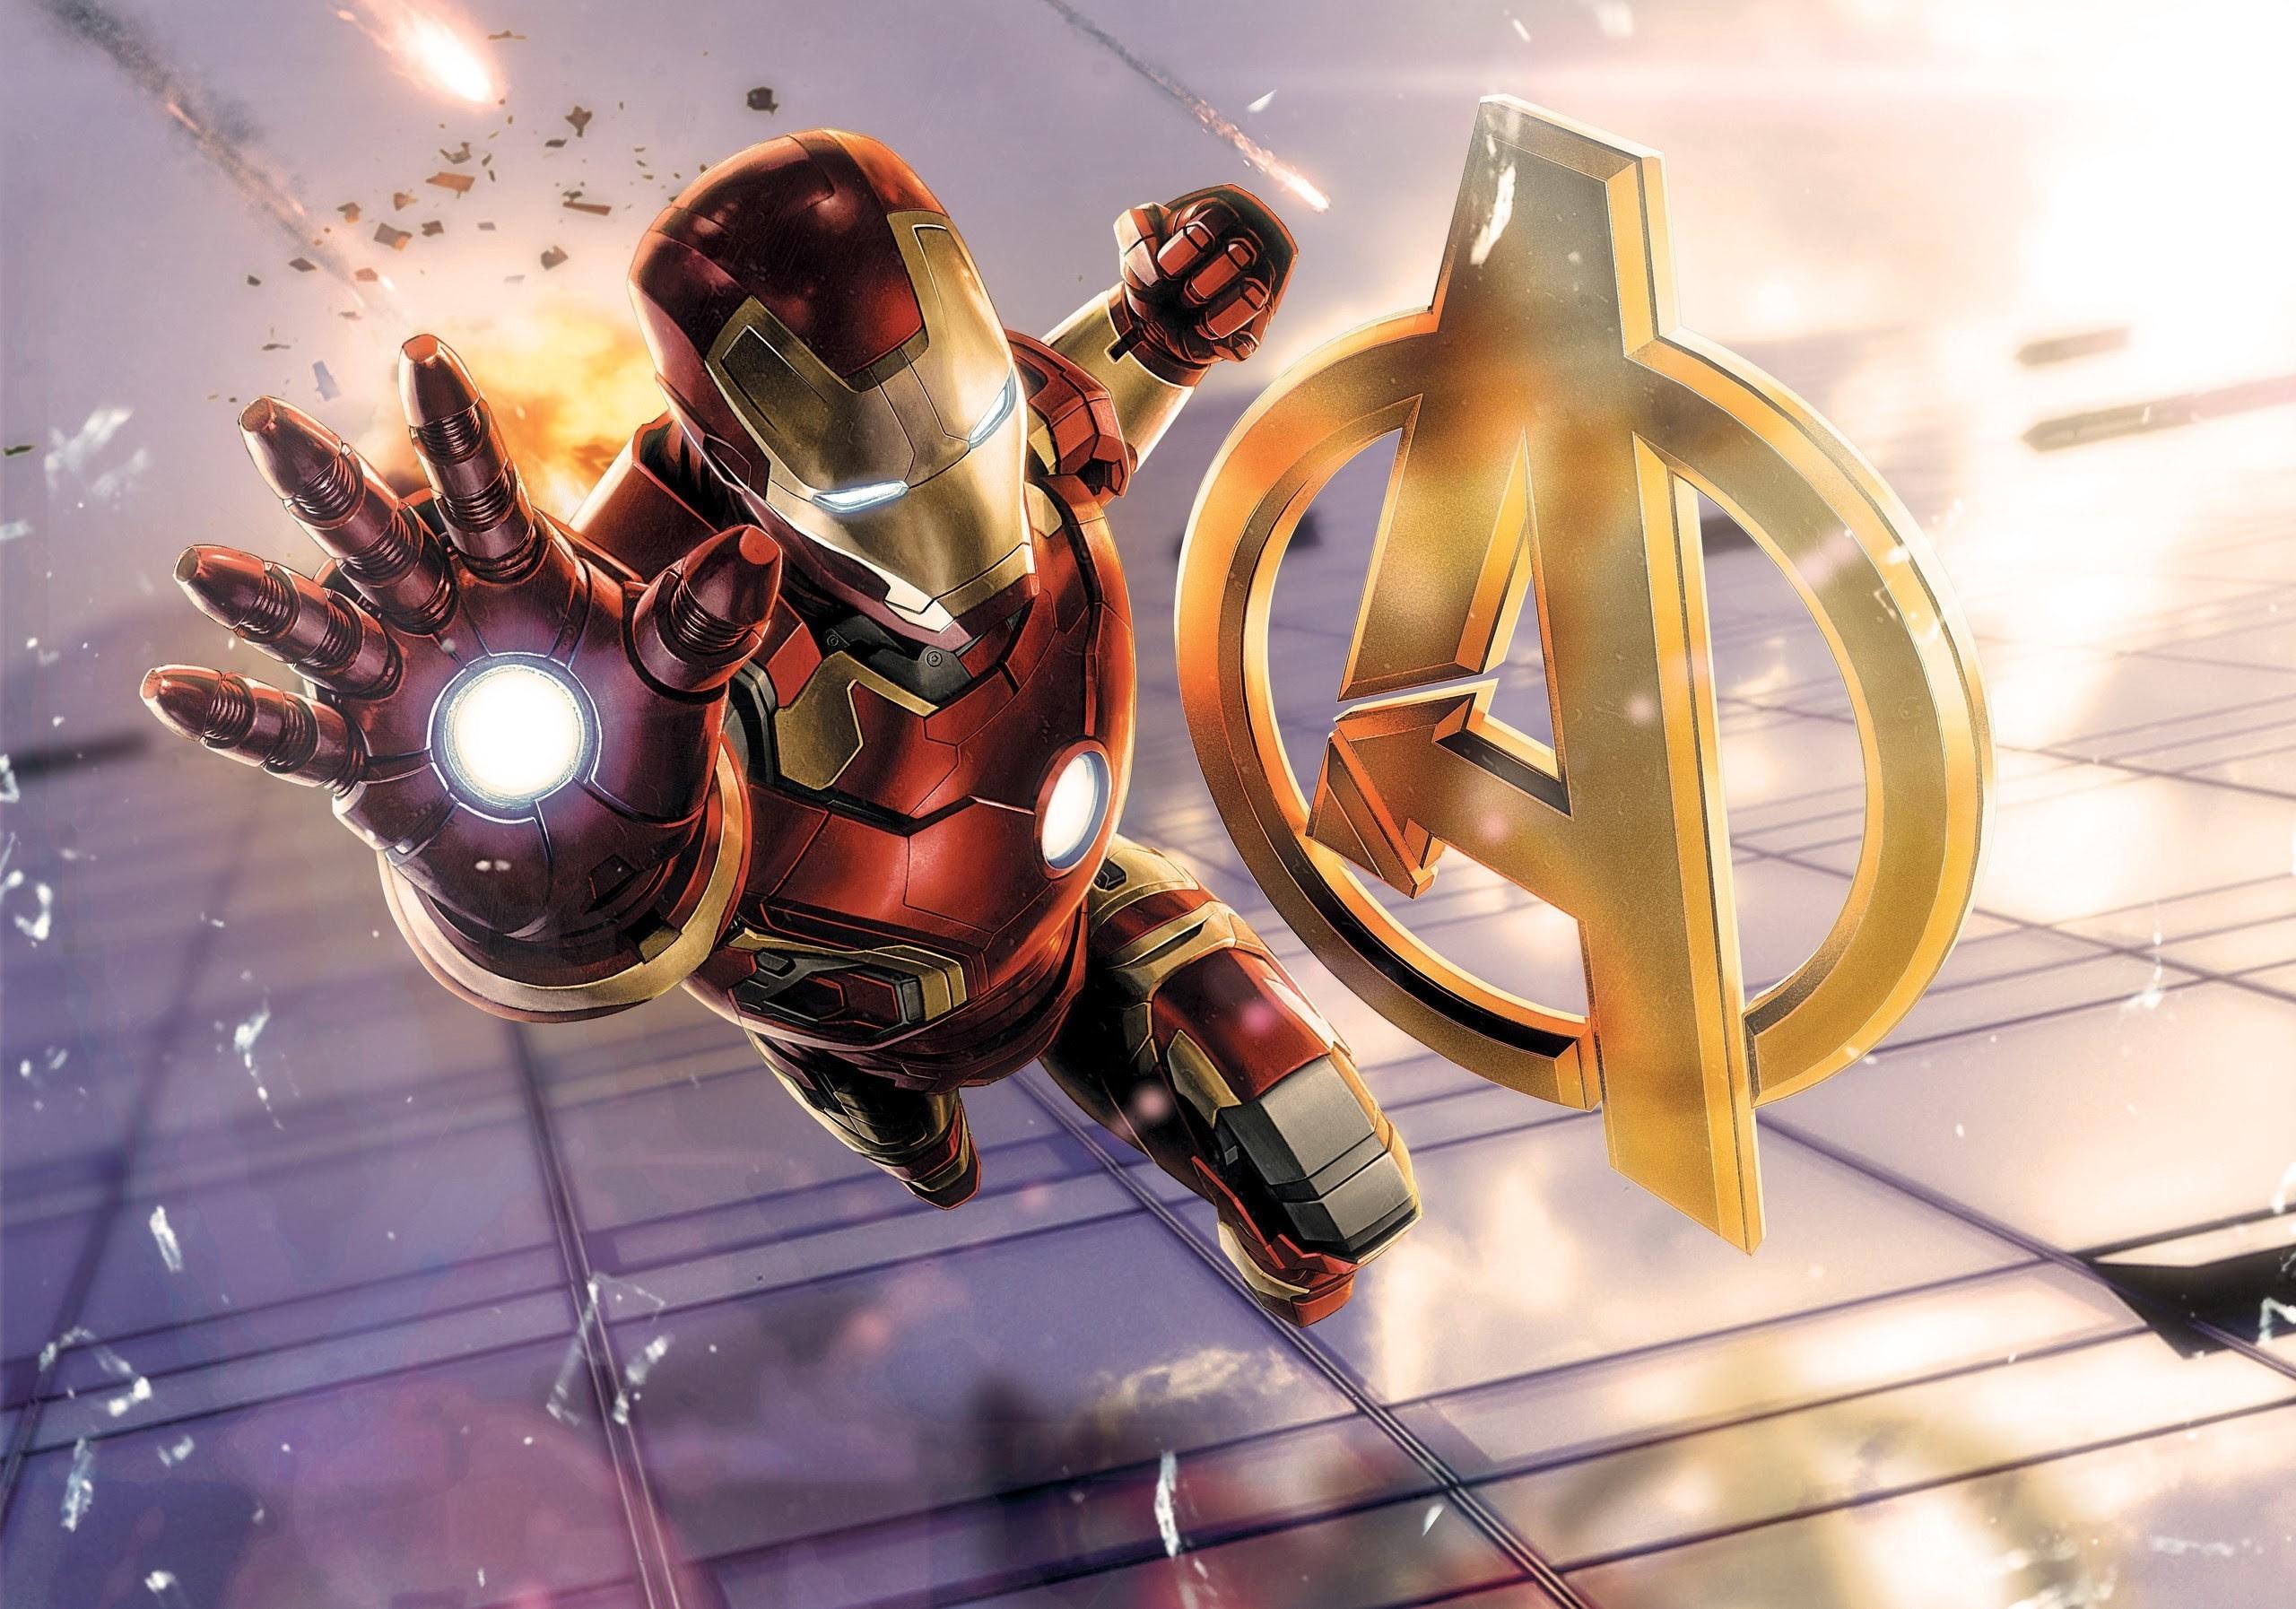 Download Wallpaper Avengers Iron Man Hd Cikimmcom